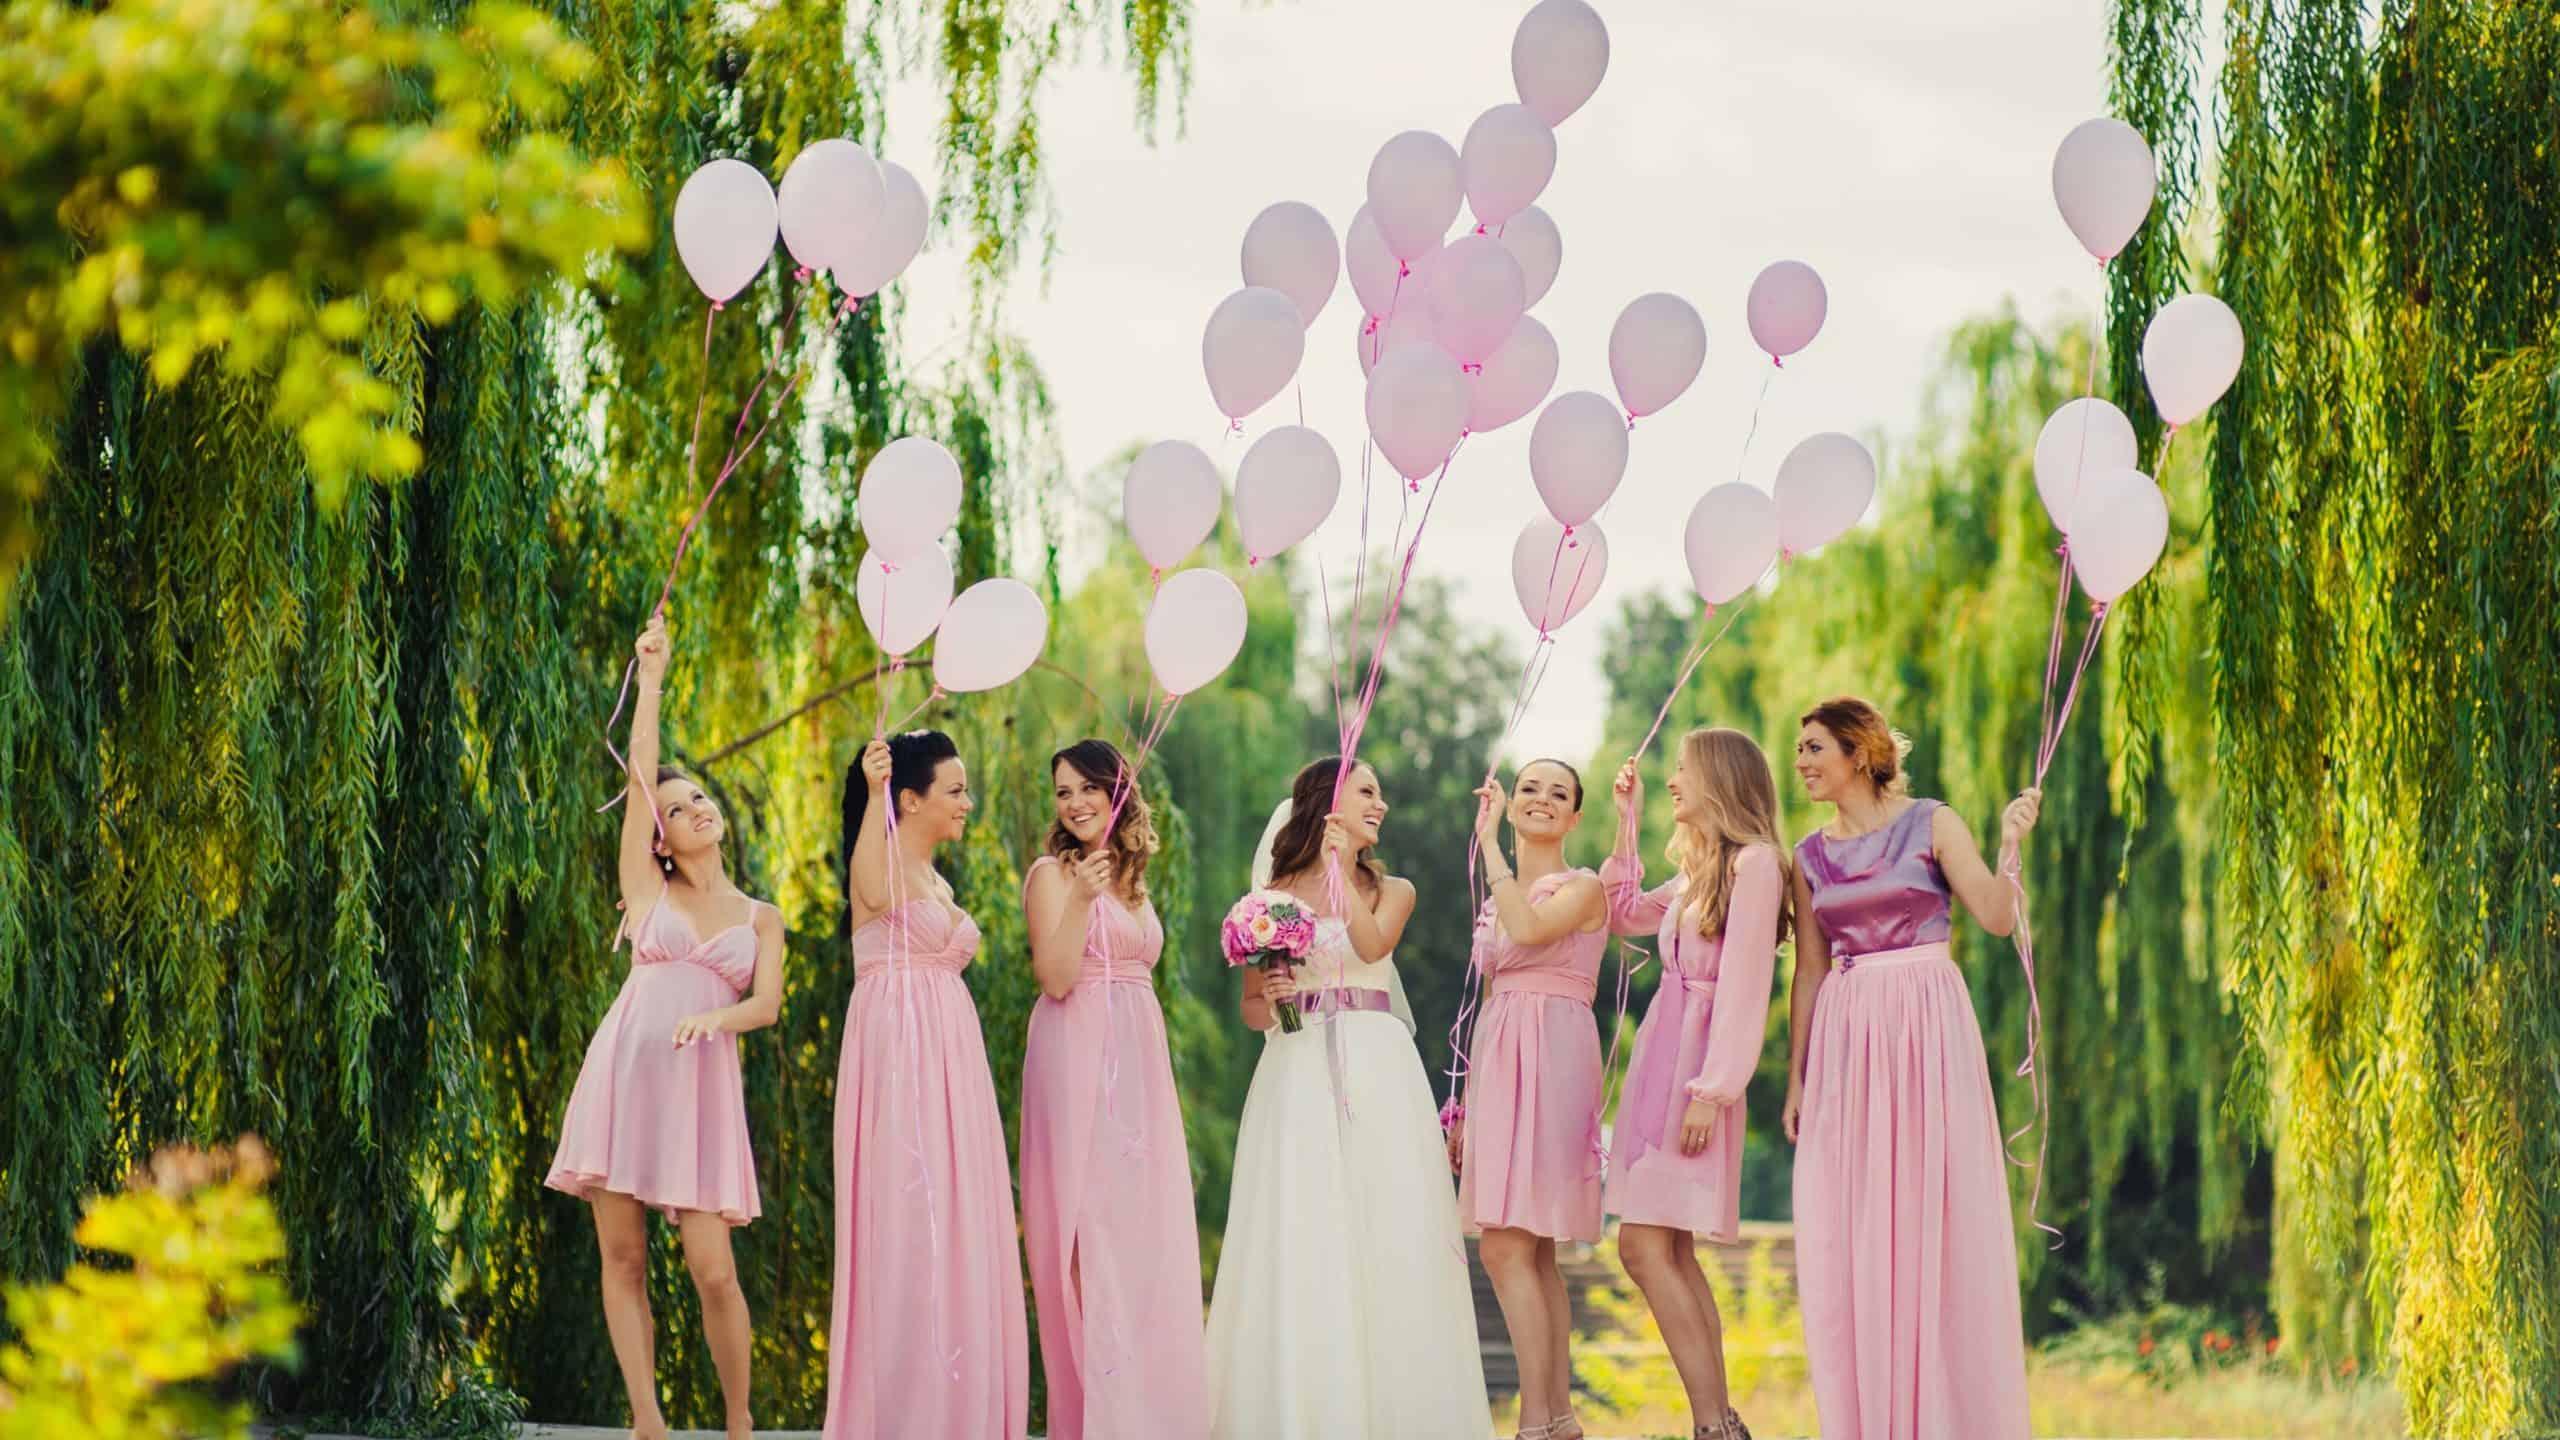 Luftballons steigen lassen zur Hochzeit